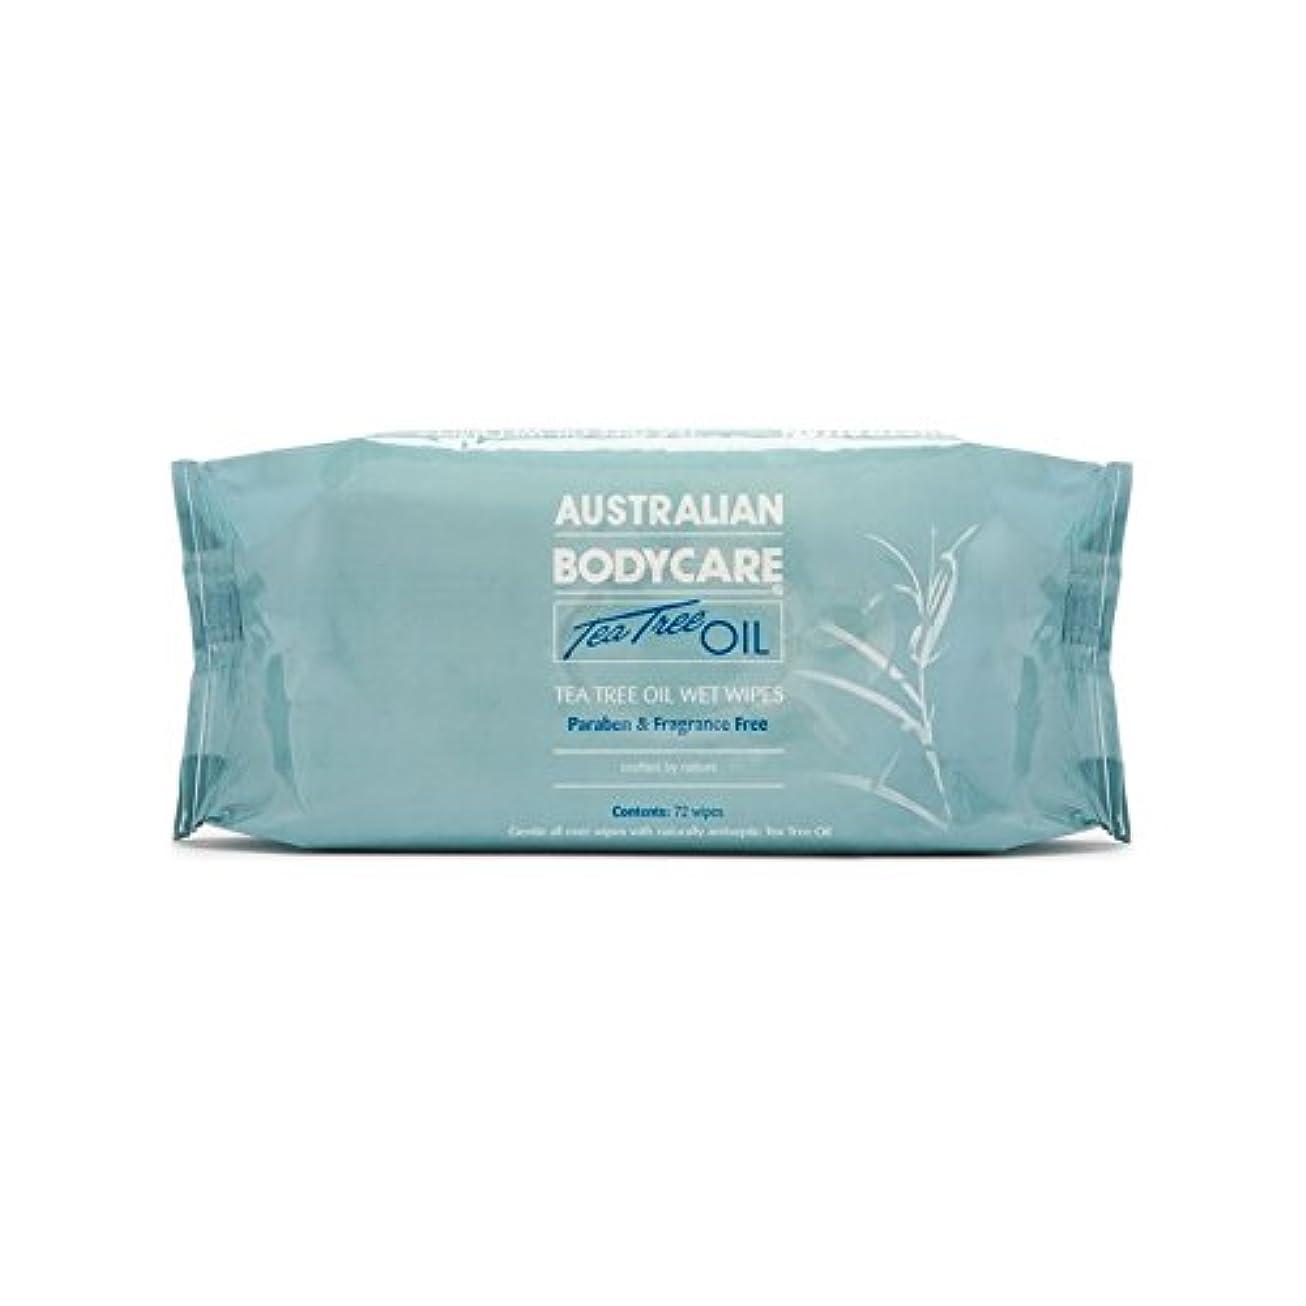 ランプ染色カポックAustralian Bodycare Eco Wipes (72 Pack) (Pack of 6) - オーストラリアのボディケアエコワイプ(72パック) x6 [並行輸入品]